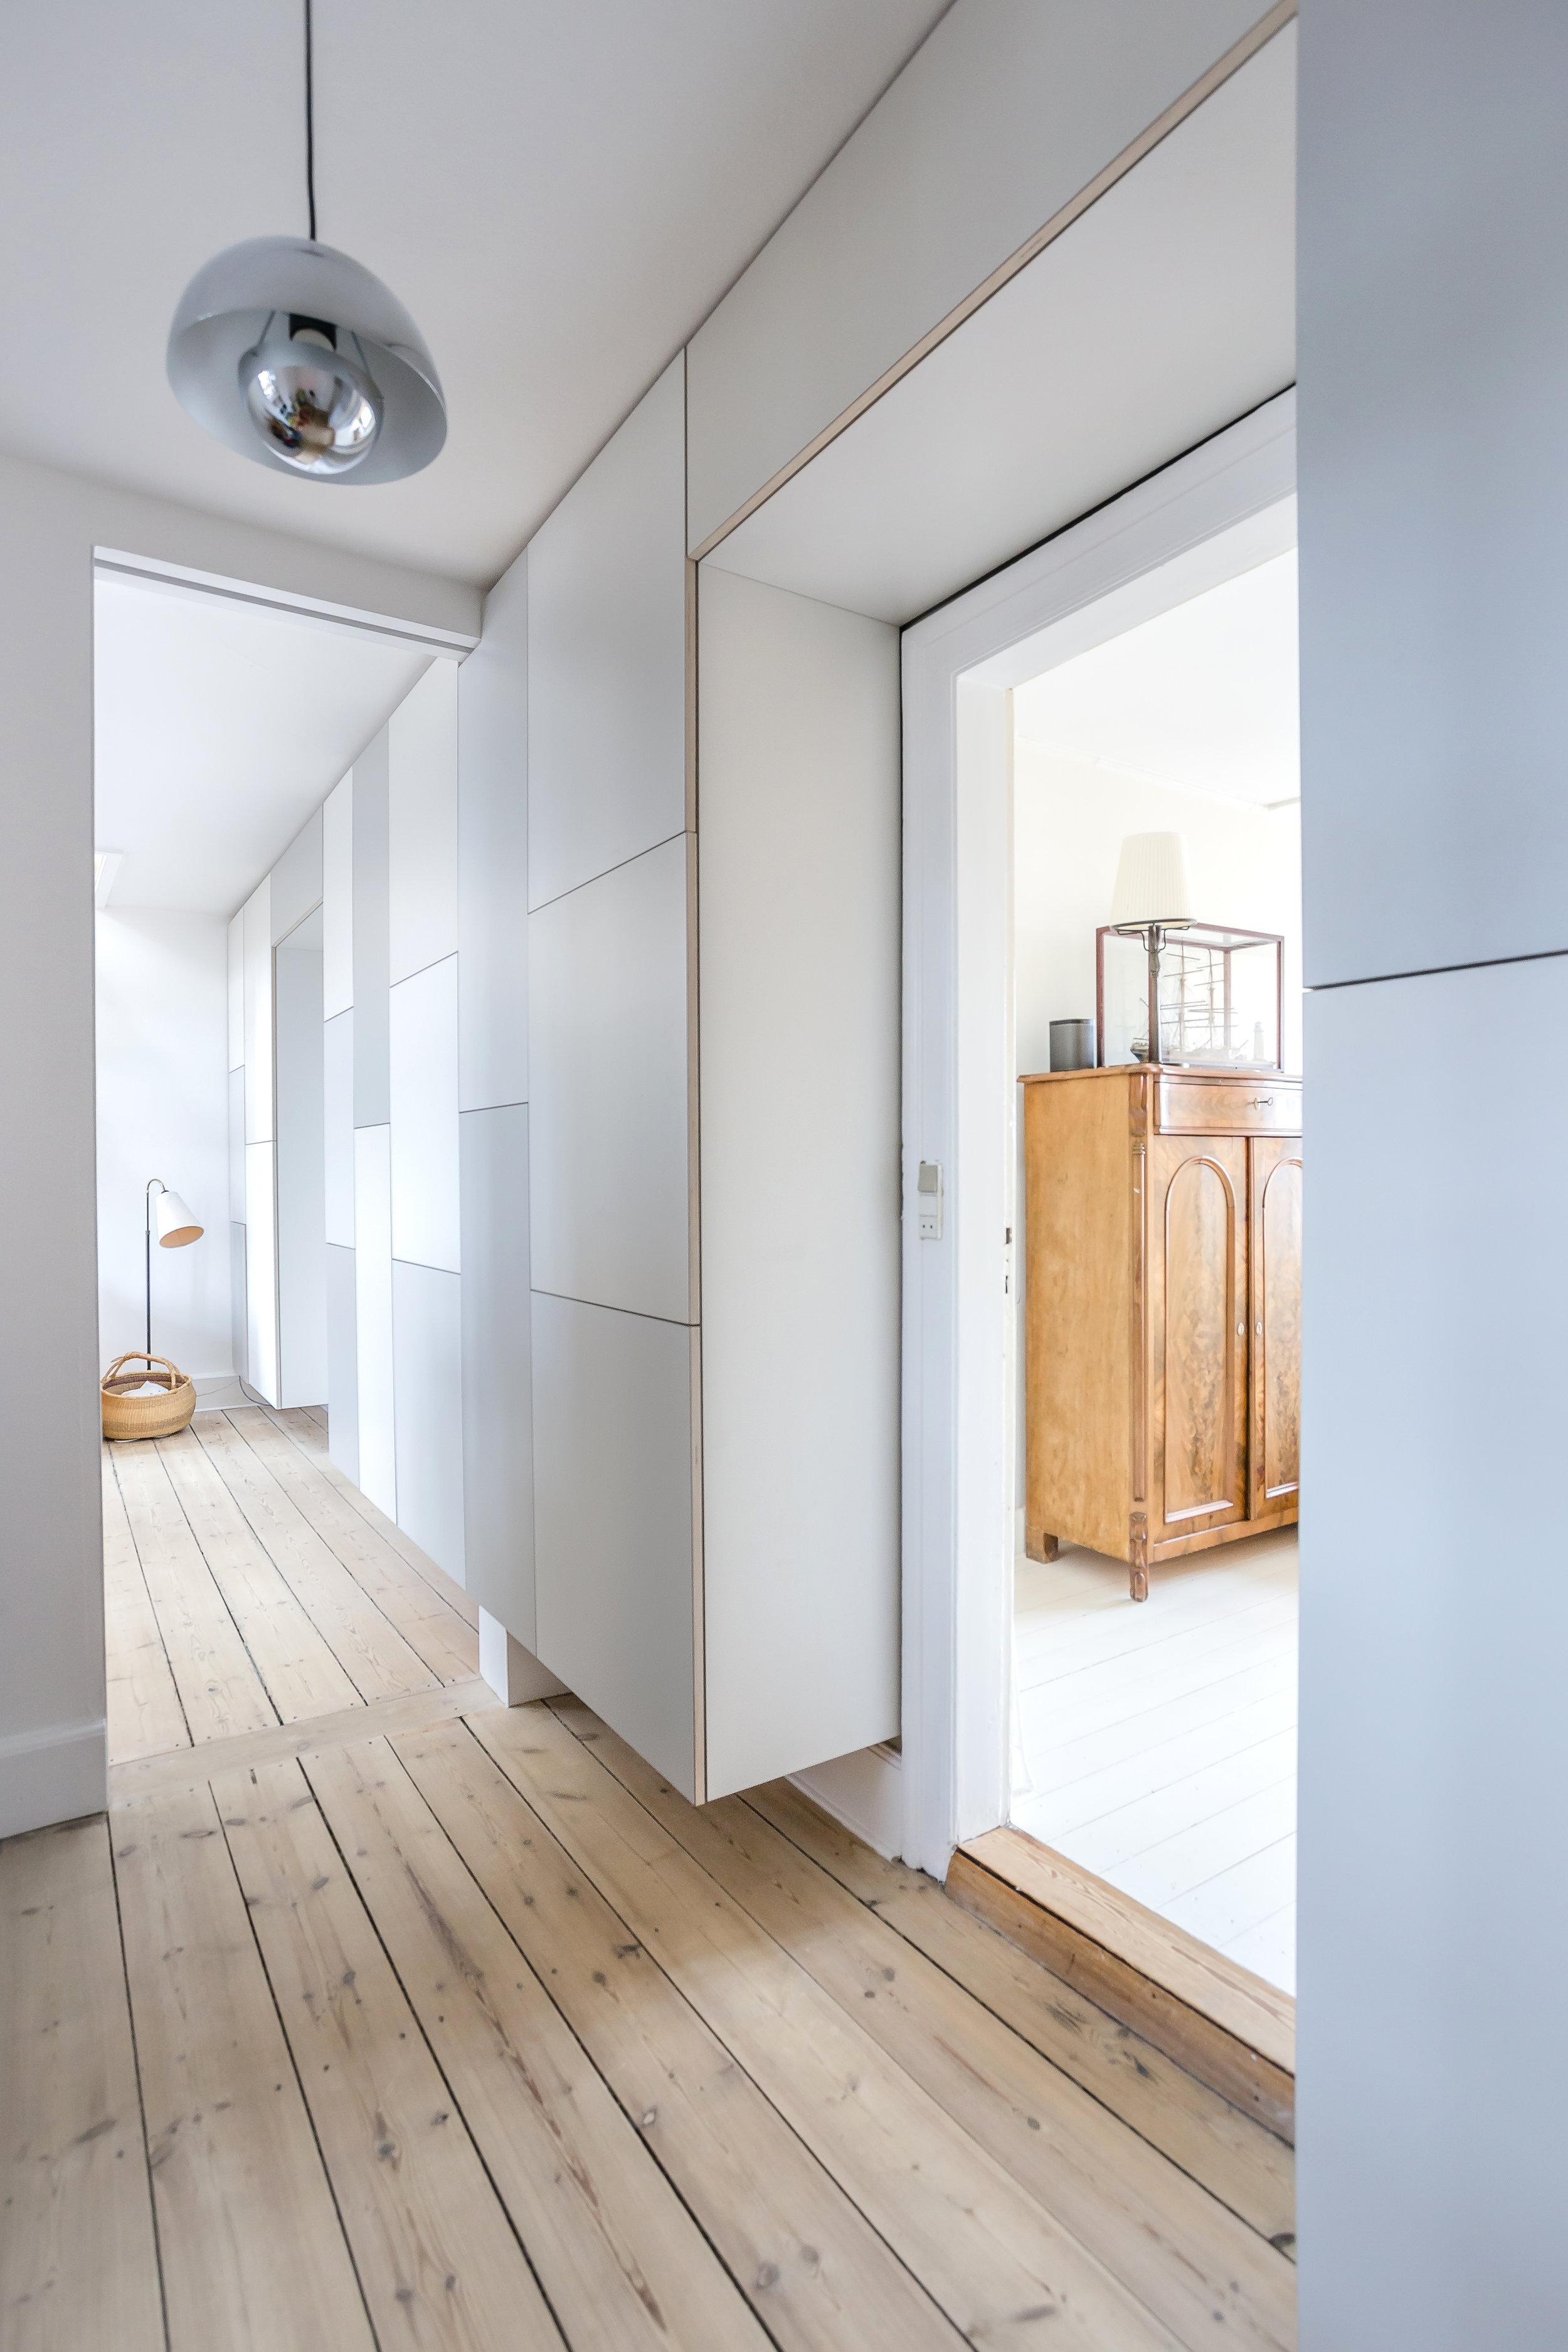 Picture of: Det Rumlige Familieskab 7 Meter Opbevaring Til Hele Familien Stay Project Specialdesignede Skabe Og Kokkener Tilpasset Dit Hjem